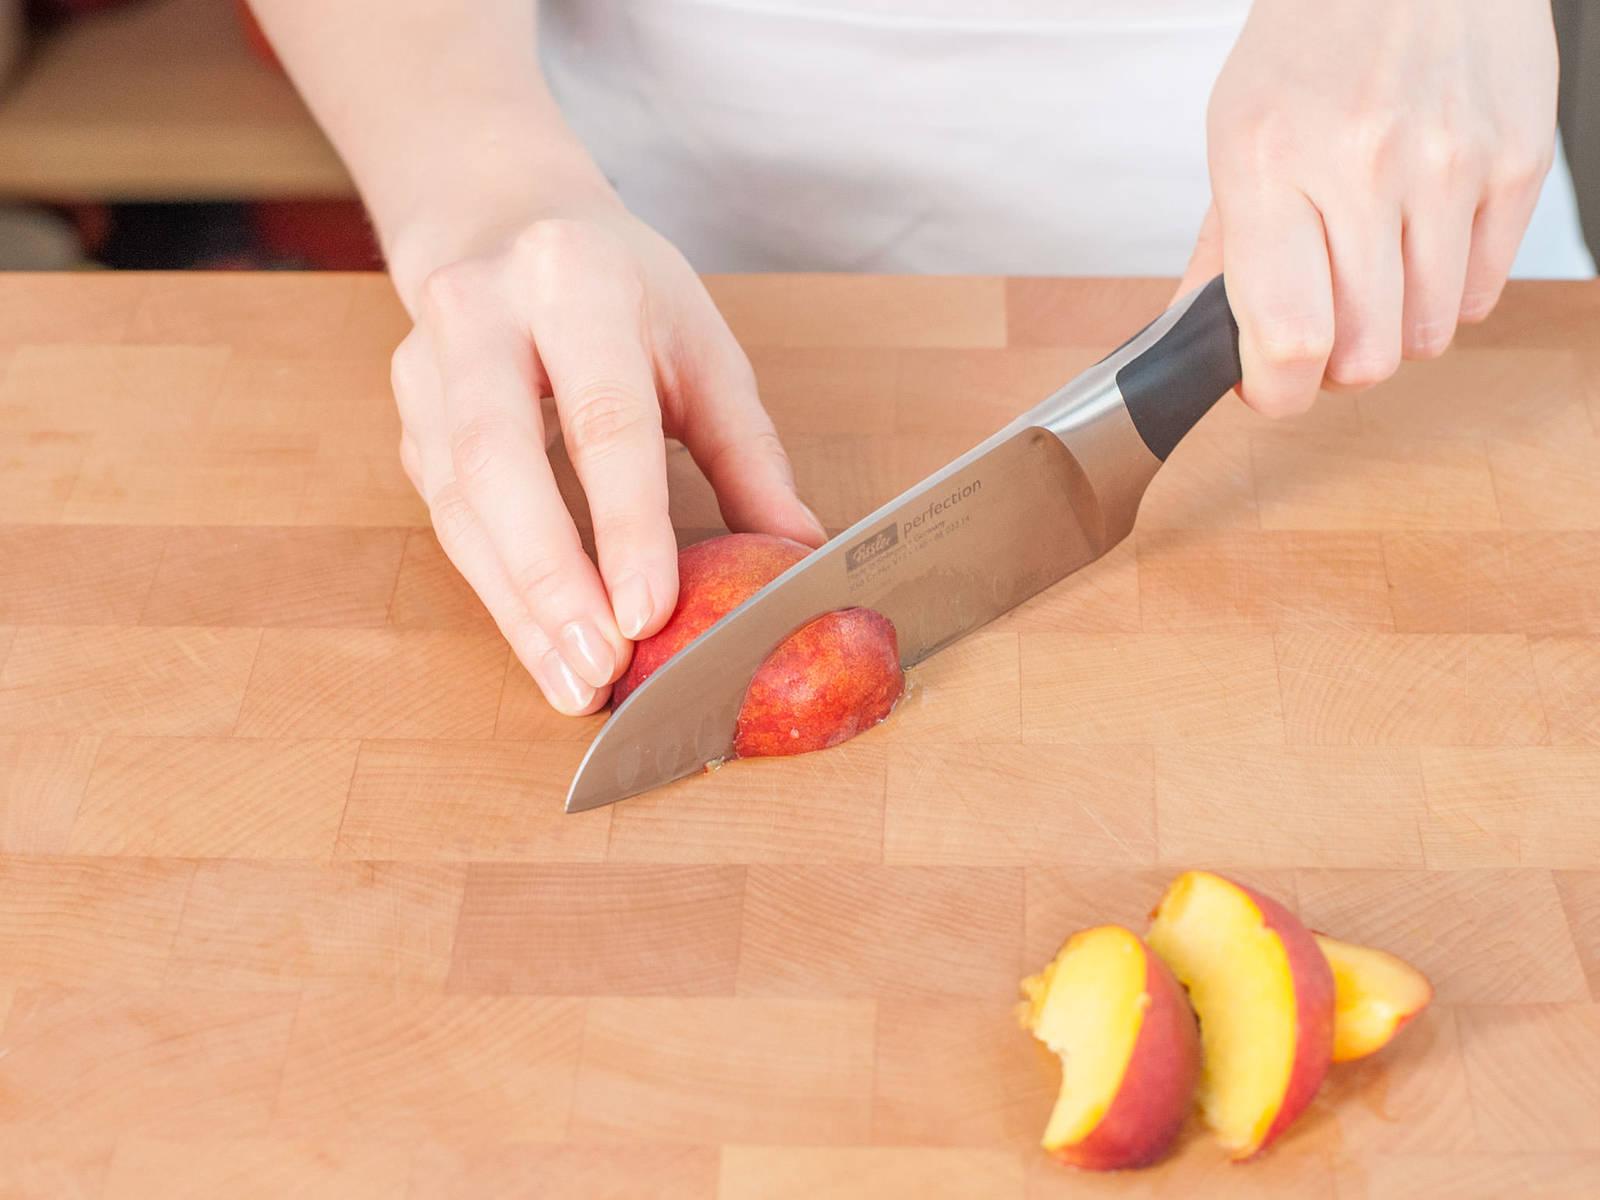 Butter in einem Topf auf mittlerer Hitze schmelzen. Unter Rühren weiter kochen lassen, bis die Butter Blasen schlägt und braun wird. Beiseitestellen und abkühlen lassen. Backofen auf 175°C vorheizen. Gusseiserne Pfanne mit Butter einfetten. Pfirsiche entkernen, in Scheiben schneiden und mit Zitronensaft einreiben.